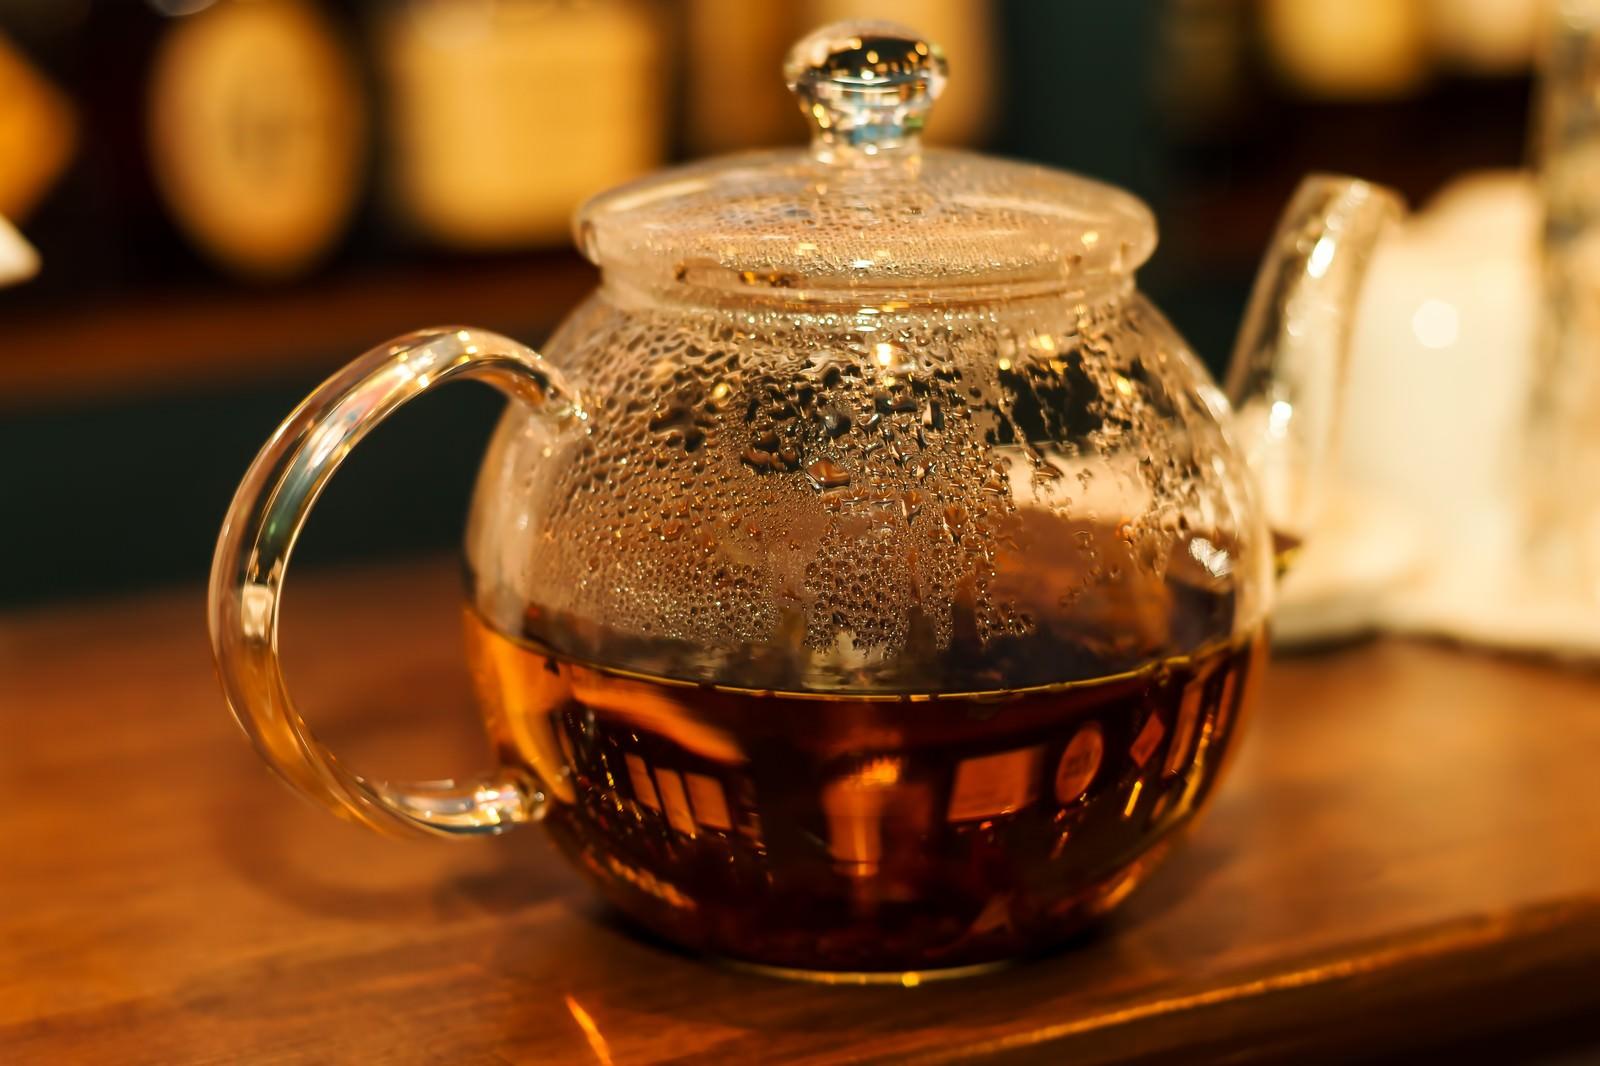 「紅茶のティーポット」の写真